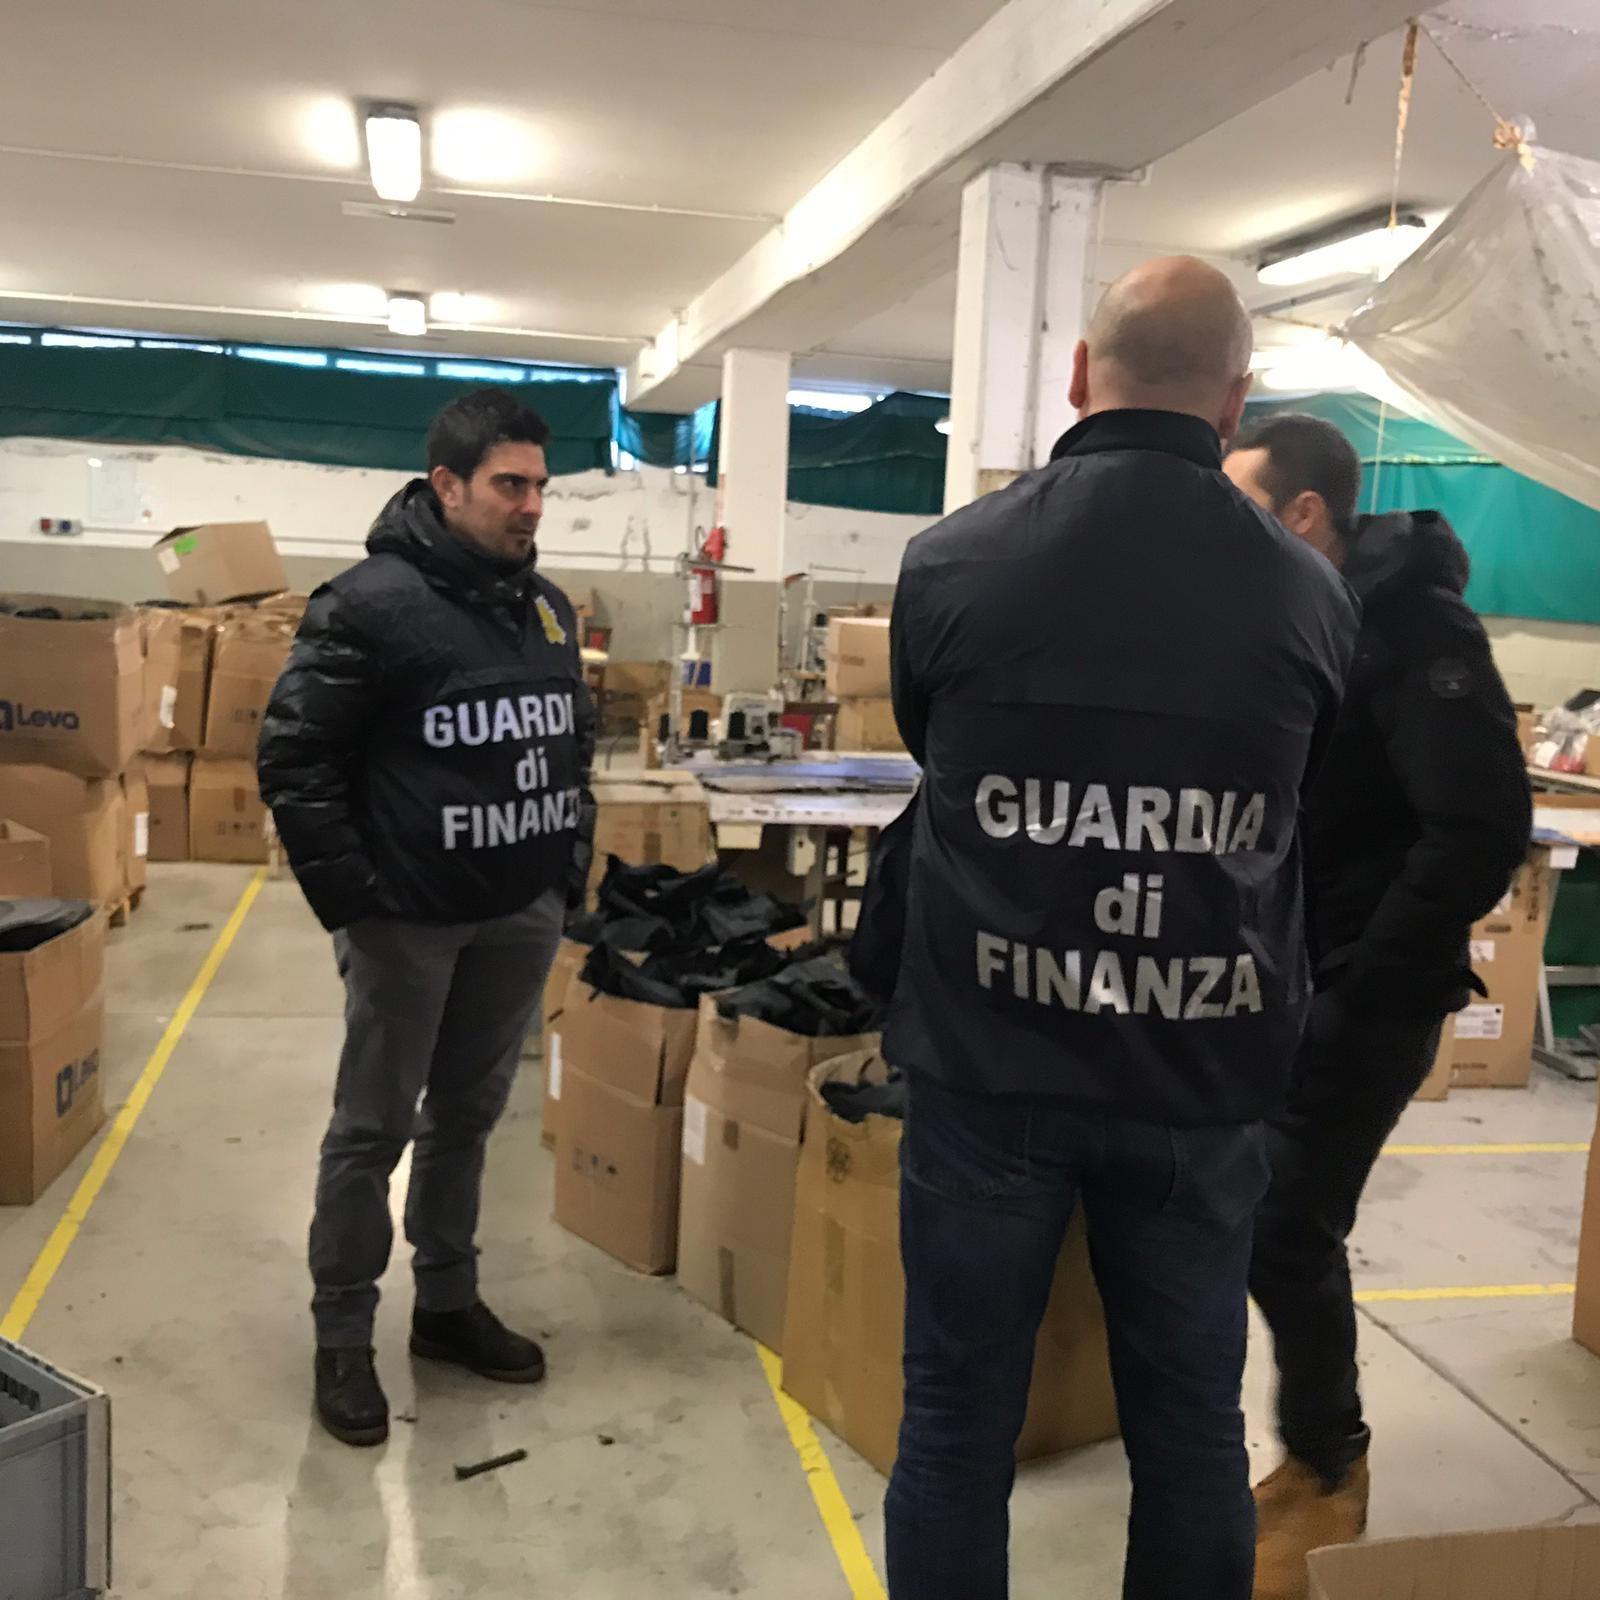 CANAVESE - Operai cinesi segregati come schiavi: operazione della guardia di finanza ad Agliè, Montalenghe e Cuceglio